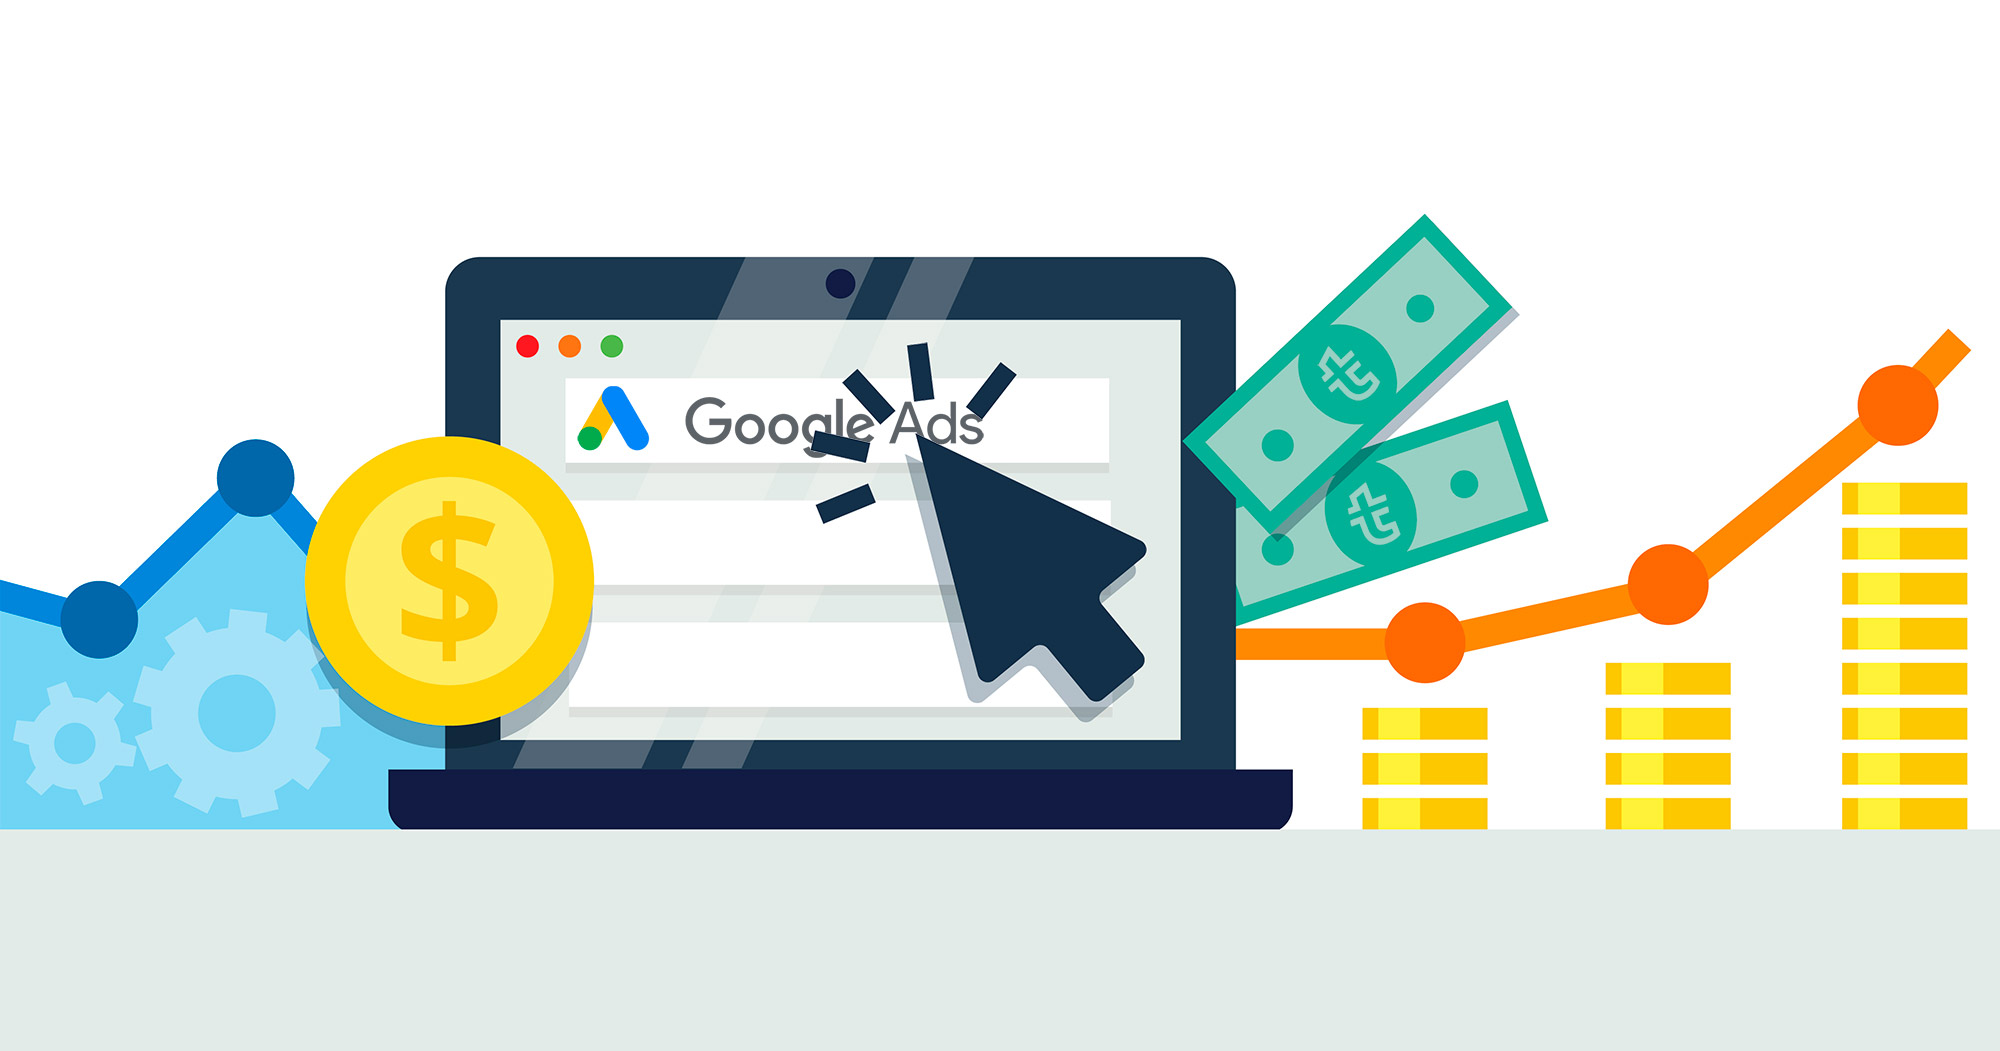 Cách tính điểm quality score trên Google Ads (cre: blog.travelpayouts.com)